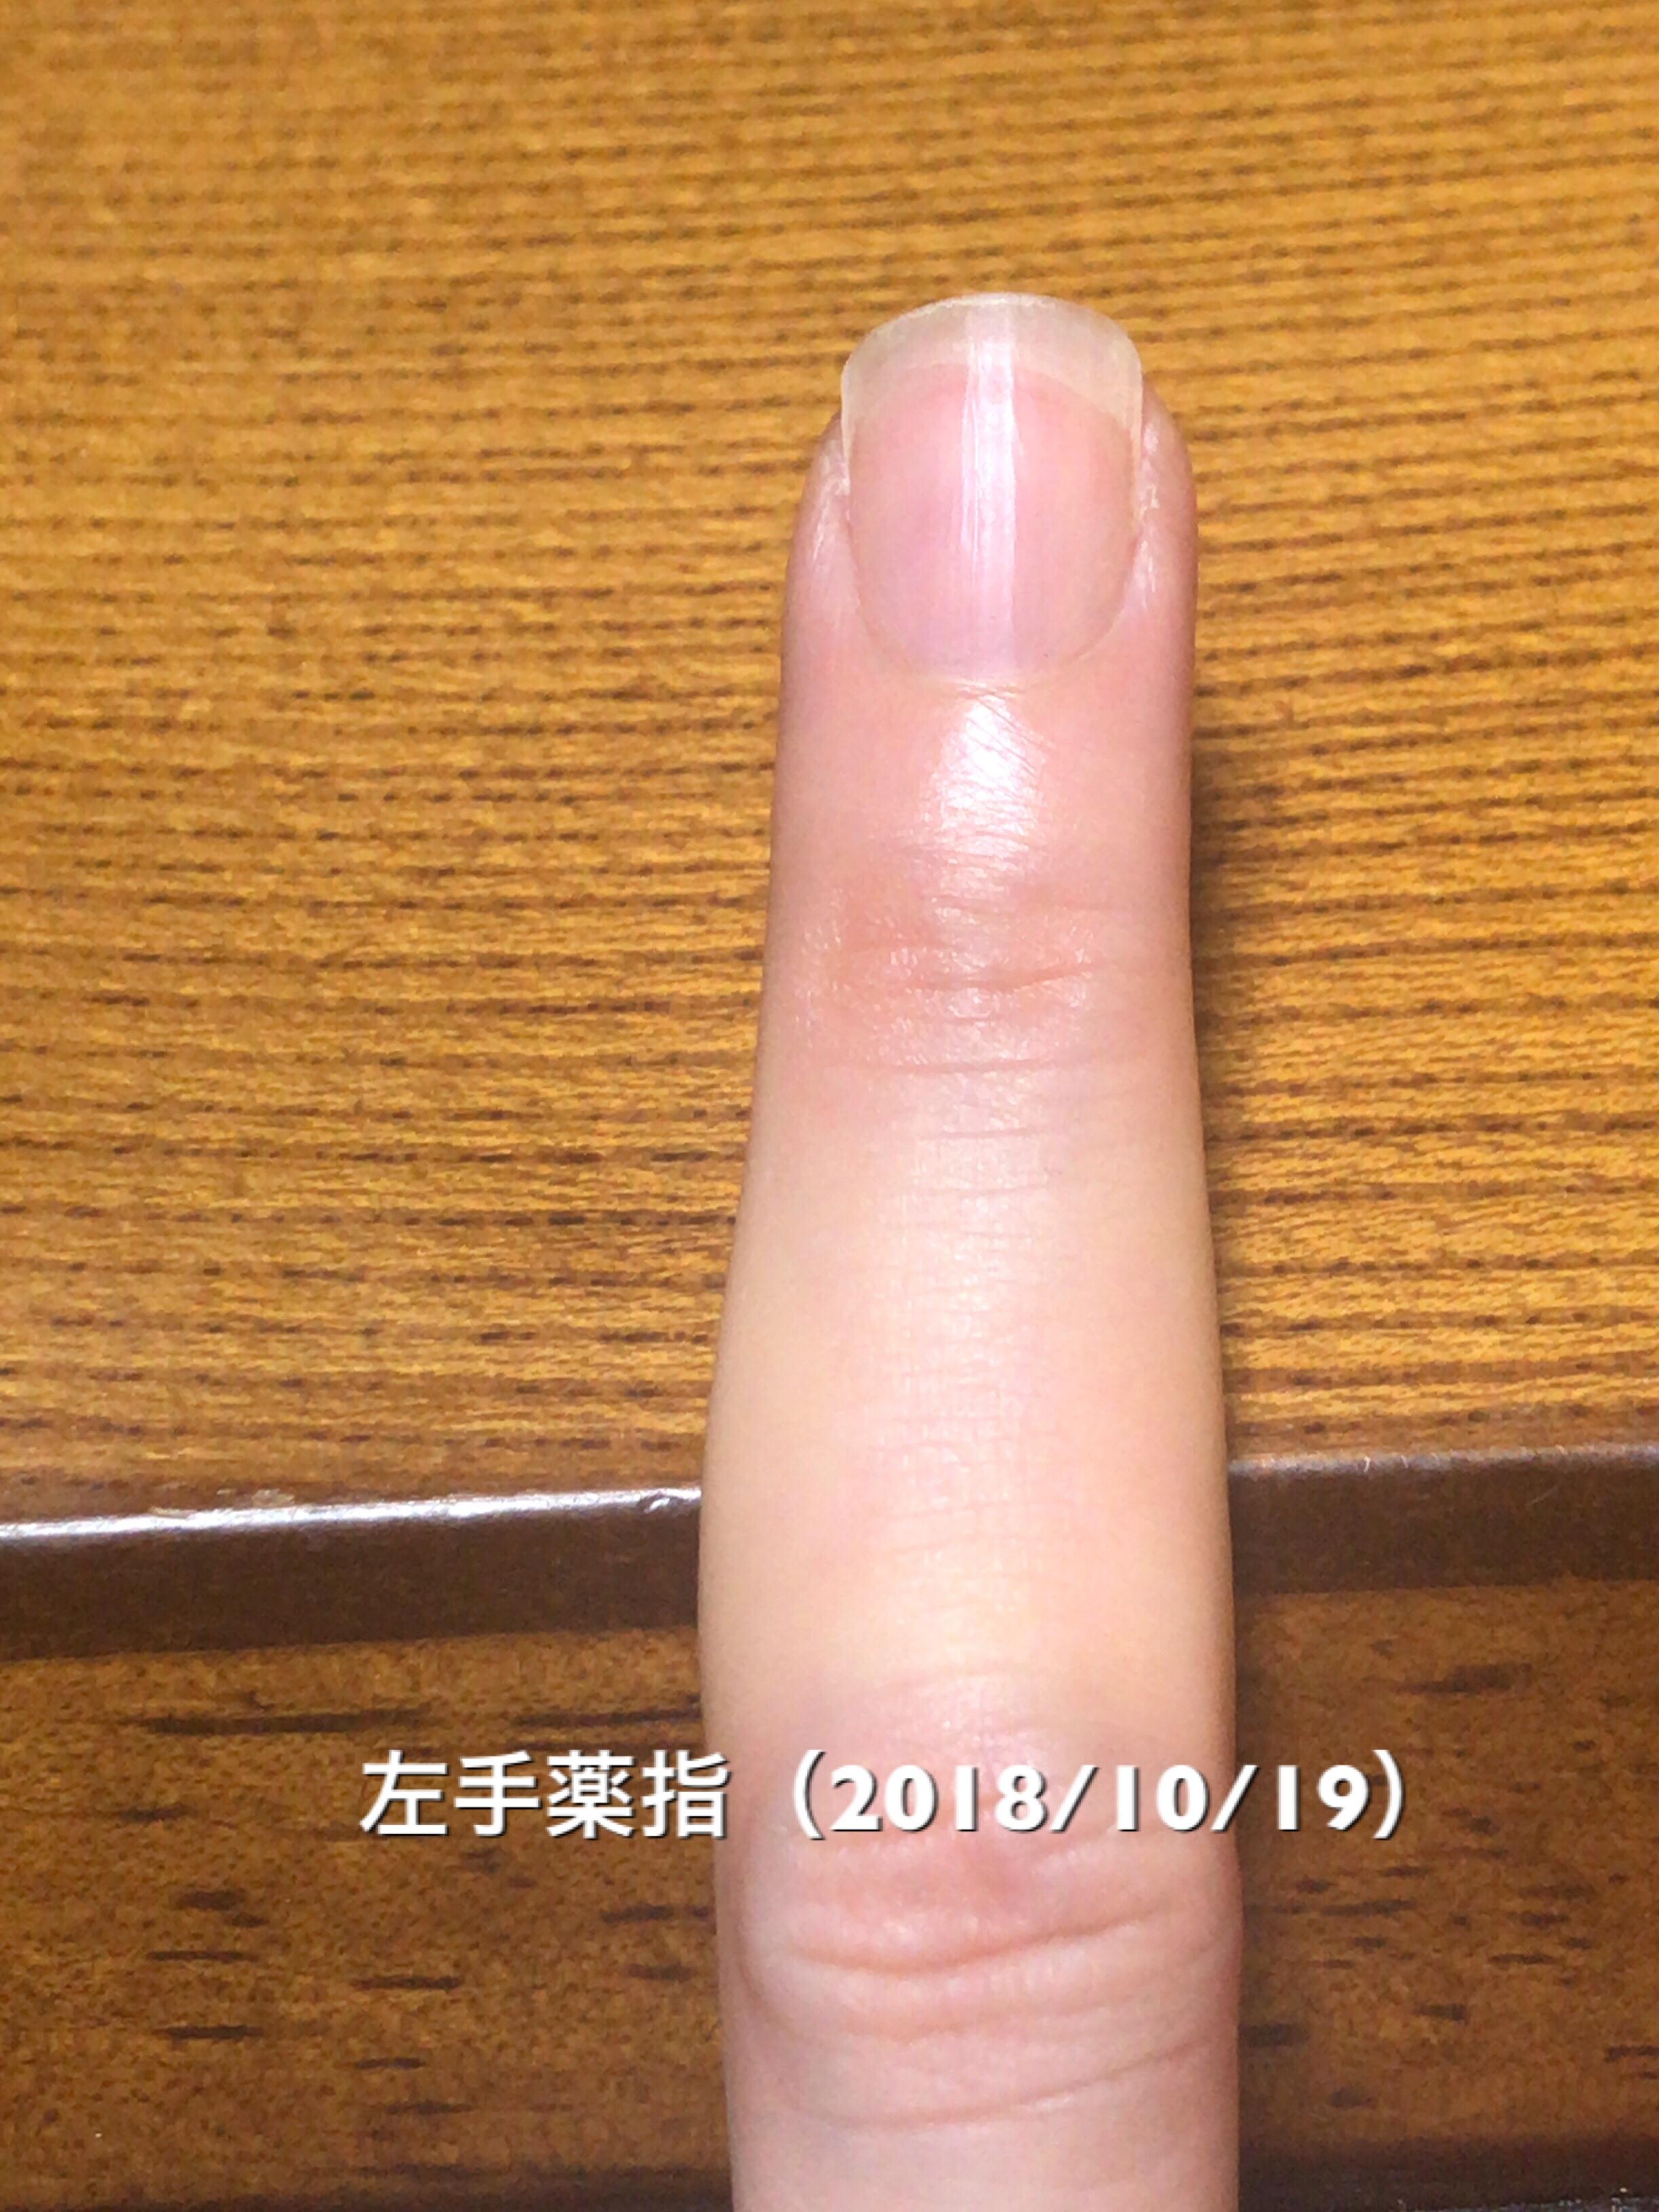 ザ・スクエアオフという形に近づいてきて嬉しい!強いていうなら、爪全体に対して、白い部分が多めなのが少し気になるところです。保湿を頑張って、ネイルベッド部分を増やしていきたいと思います。という写真